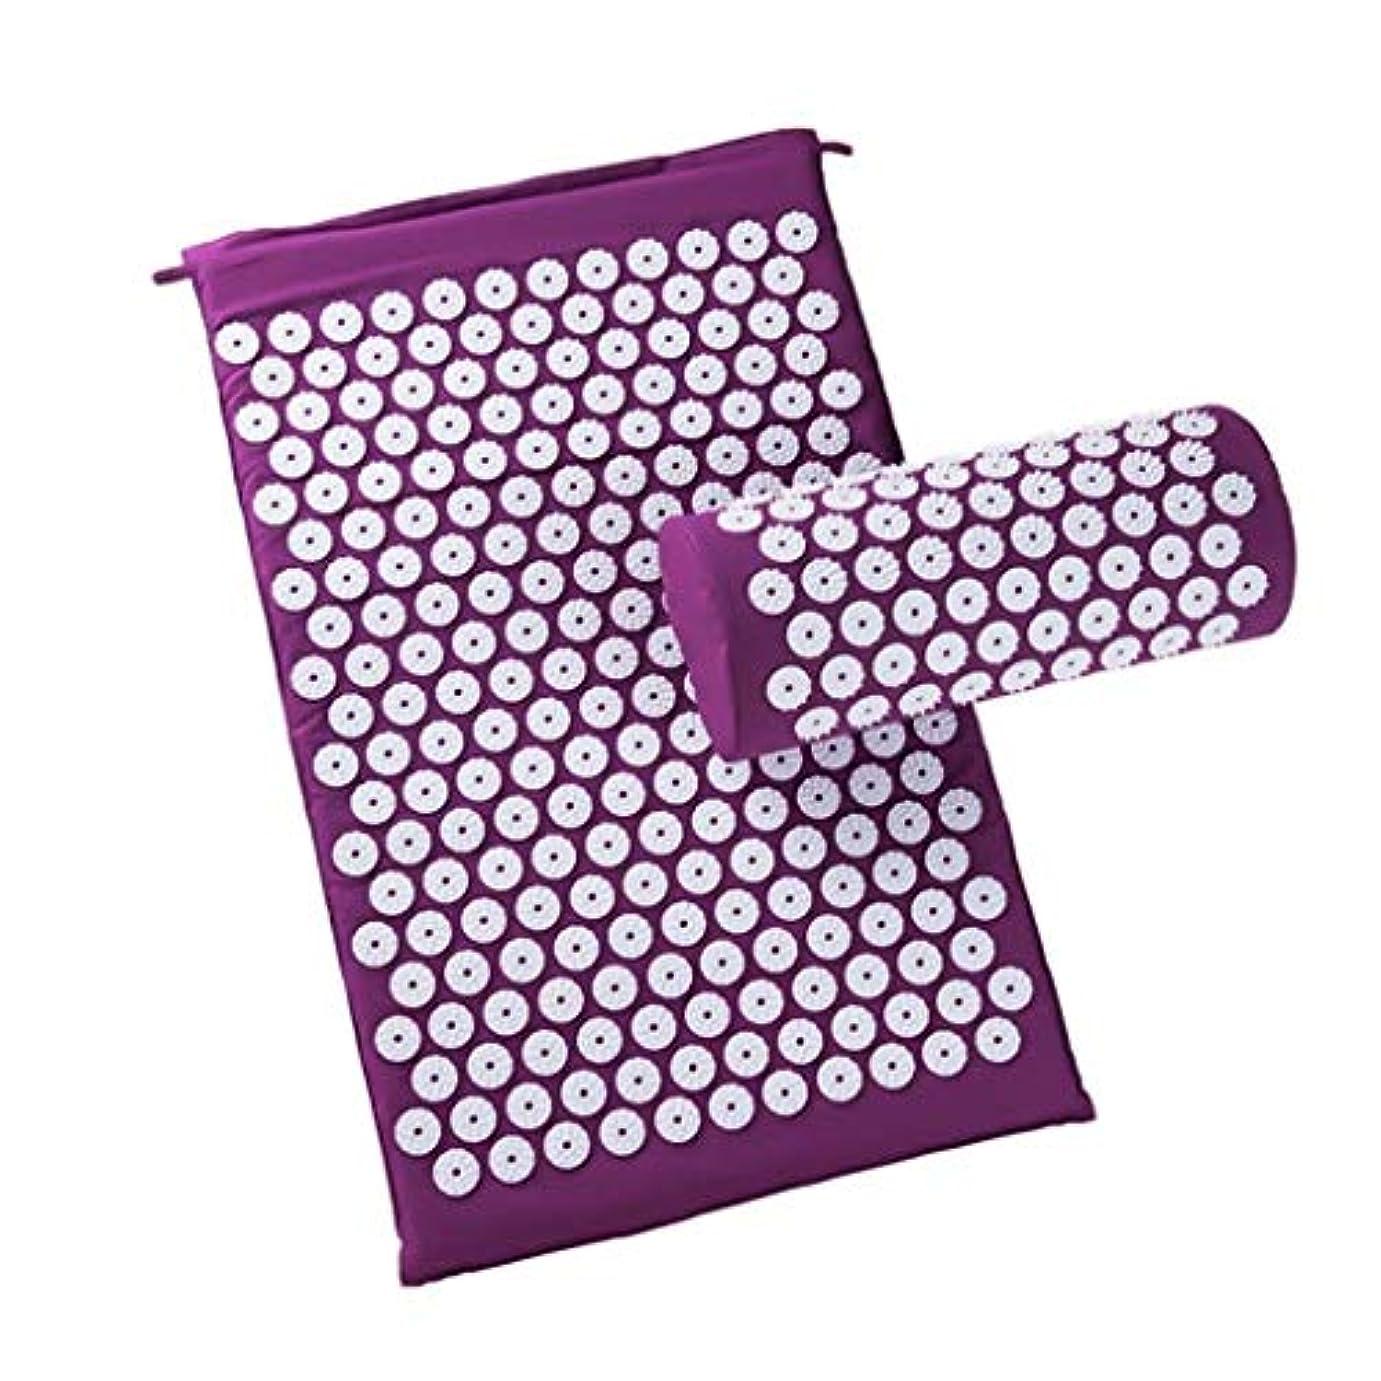 前置詞確実移行マッサージャー、フィンガーパッド/枕カバー、背中、首、坐骨神経痛の痛み/圧力を和らげる、筋肉の弛緩 (Color : 紫の)